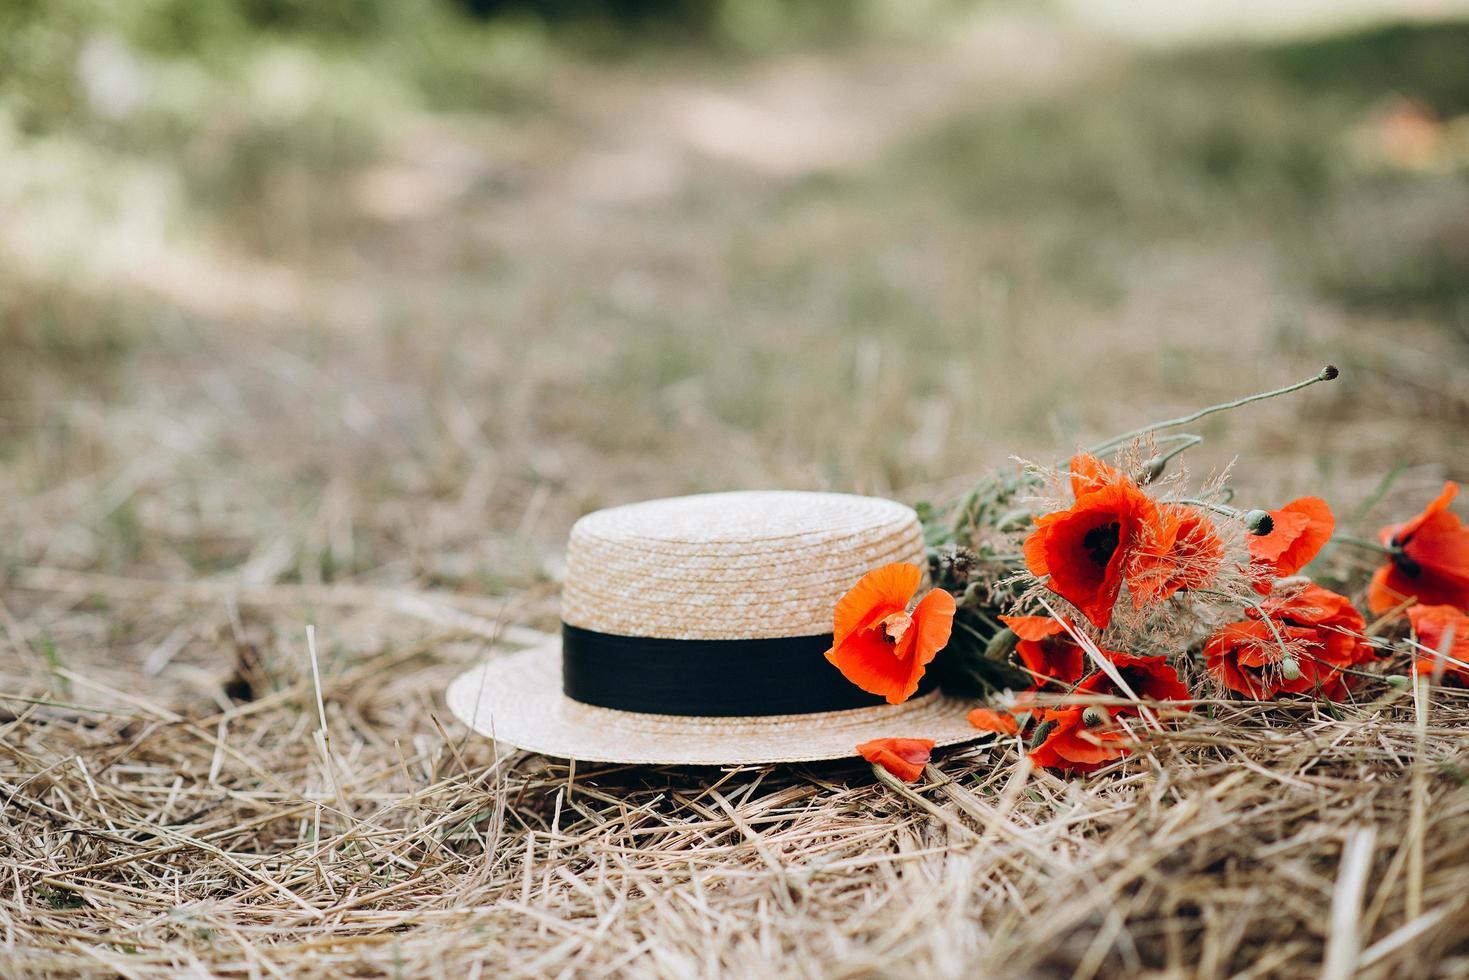 Strauß Mohnblumen mit einem Leinenhut auf einem goldenen trockenen Strohhalm. Platz zum Einfügen von Text. Sommer Konzept. foto